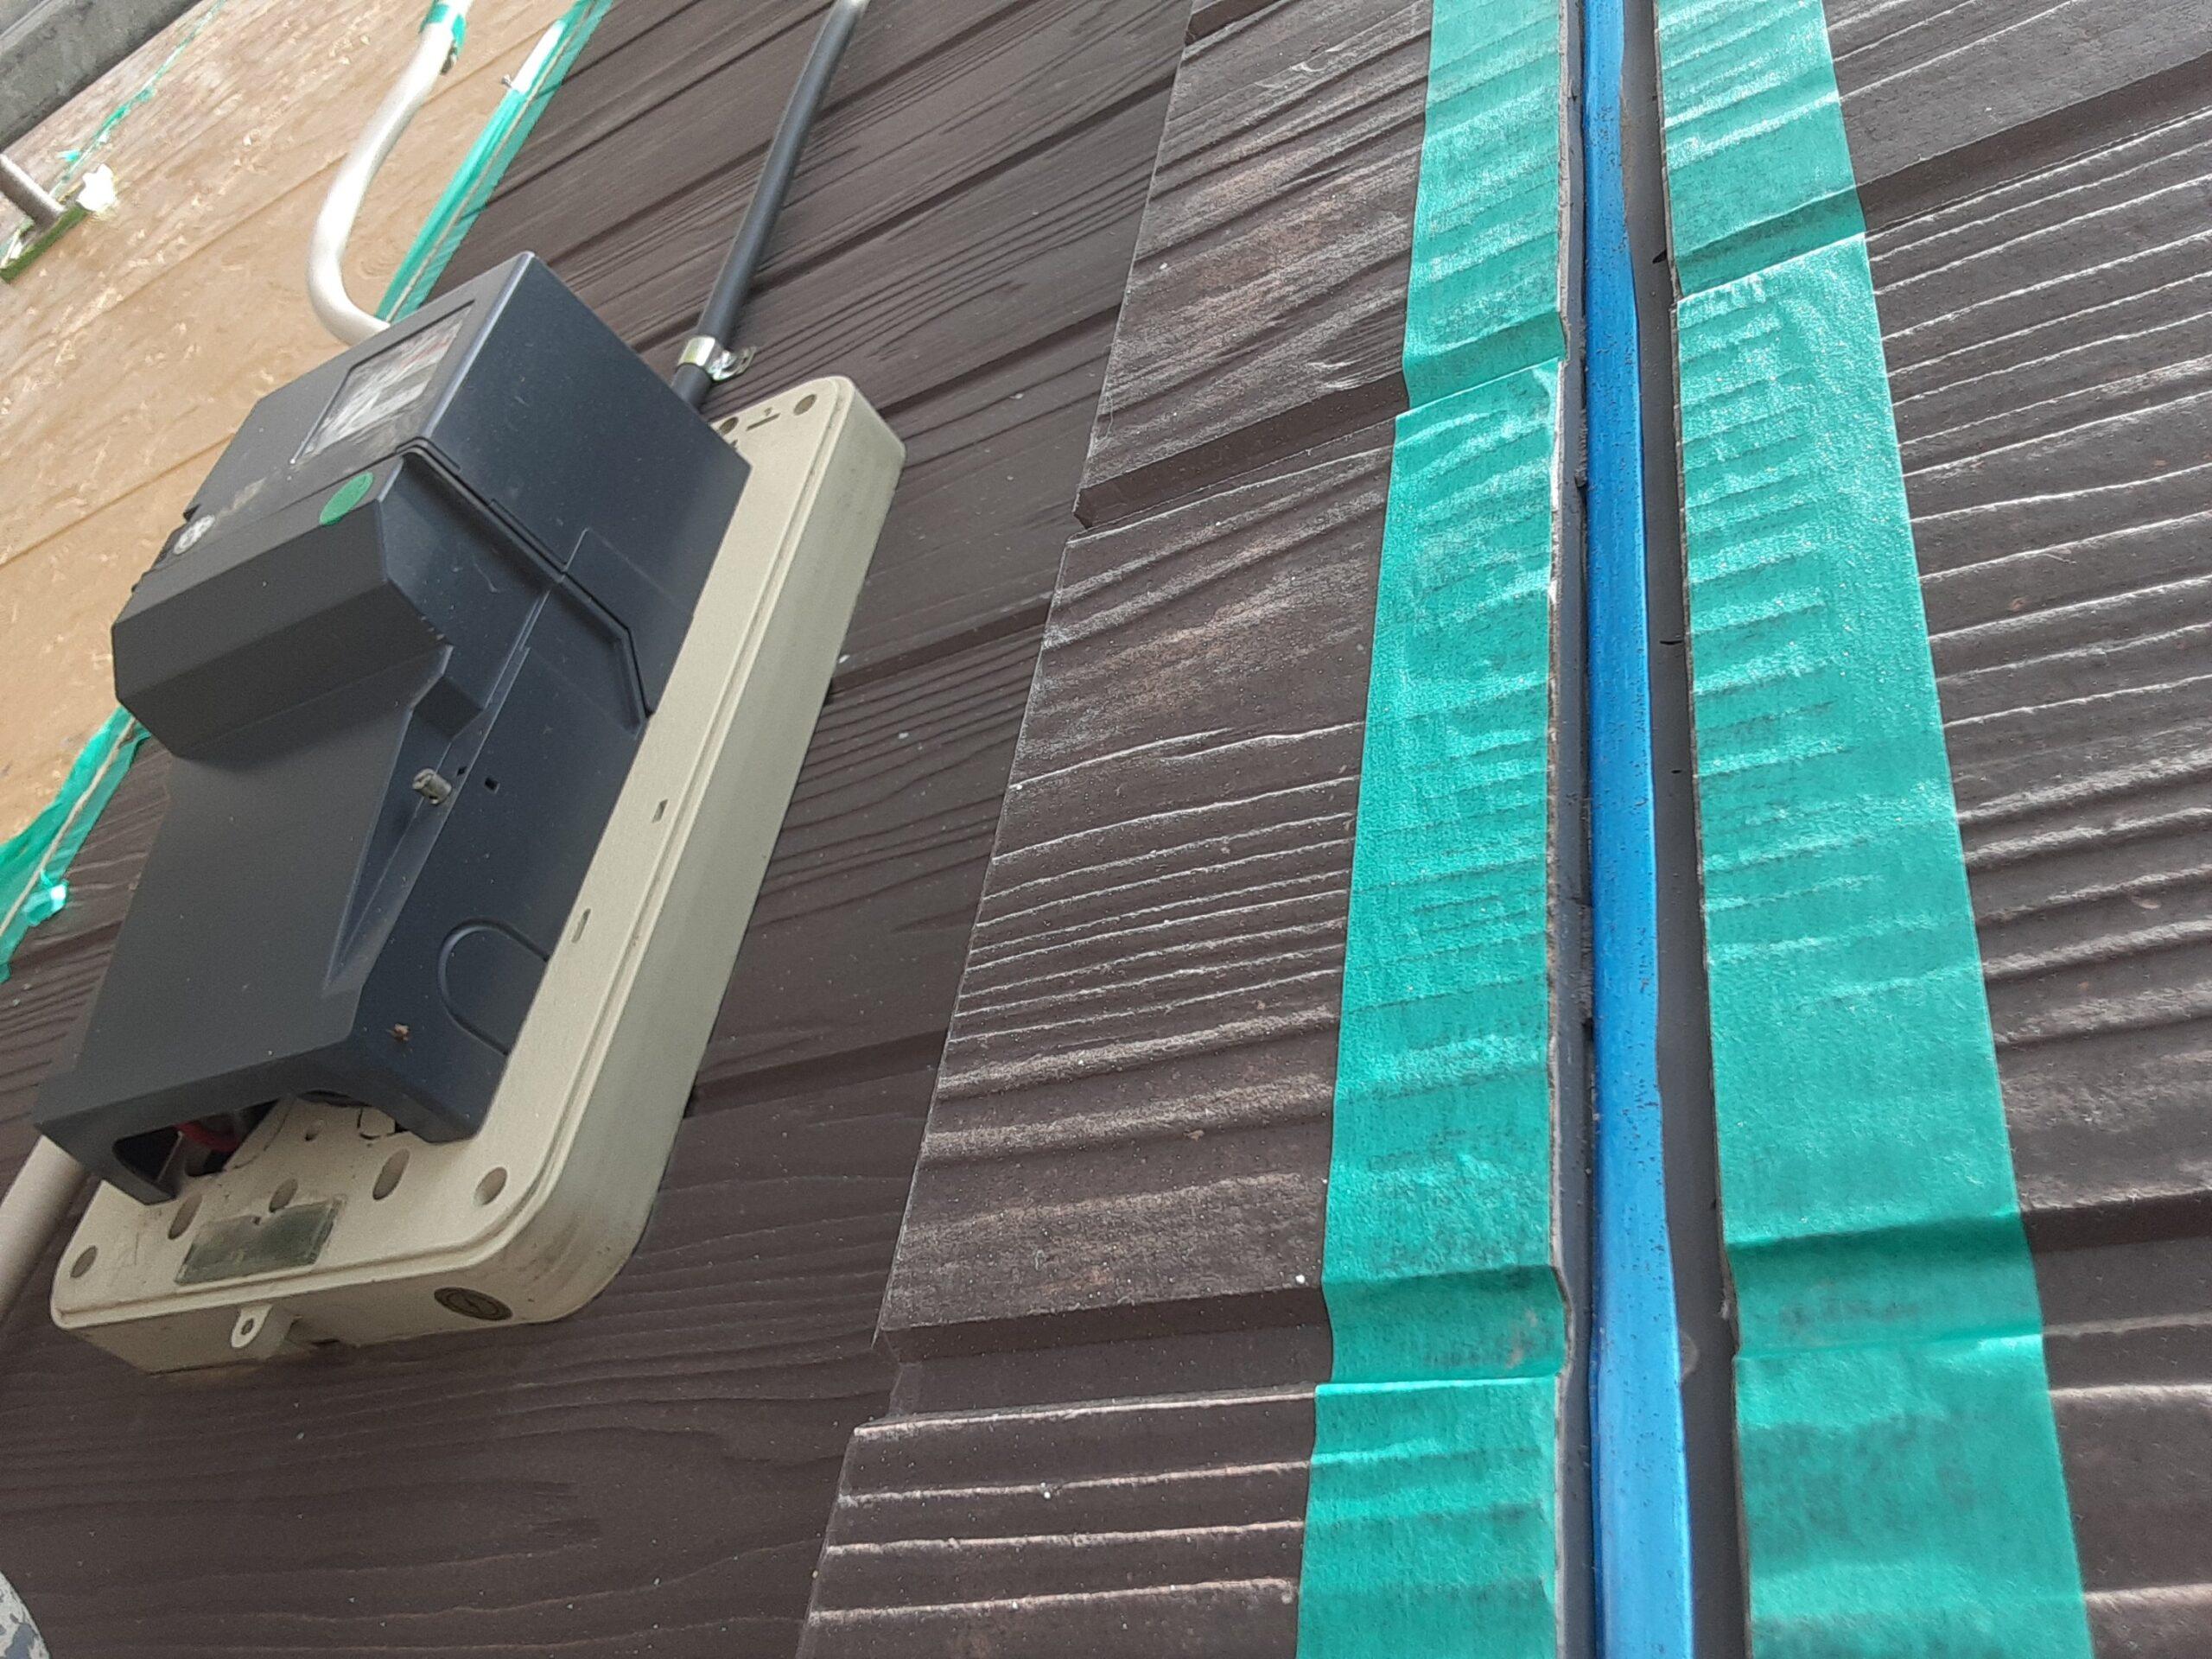 埼玉県さいたま市桜区のA様邸(木造3階建て)にて外壁のコーキング撤去・打ち替え